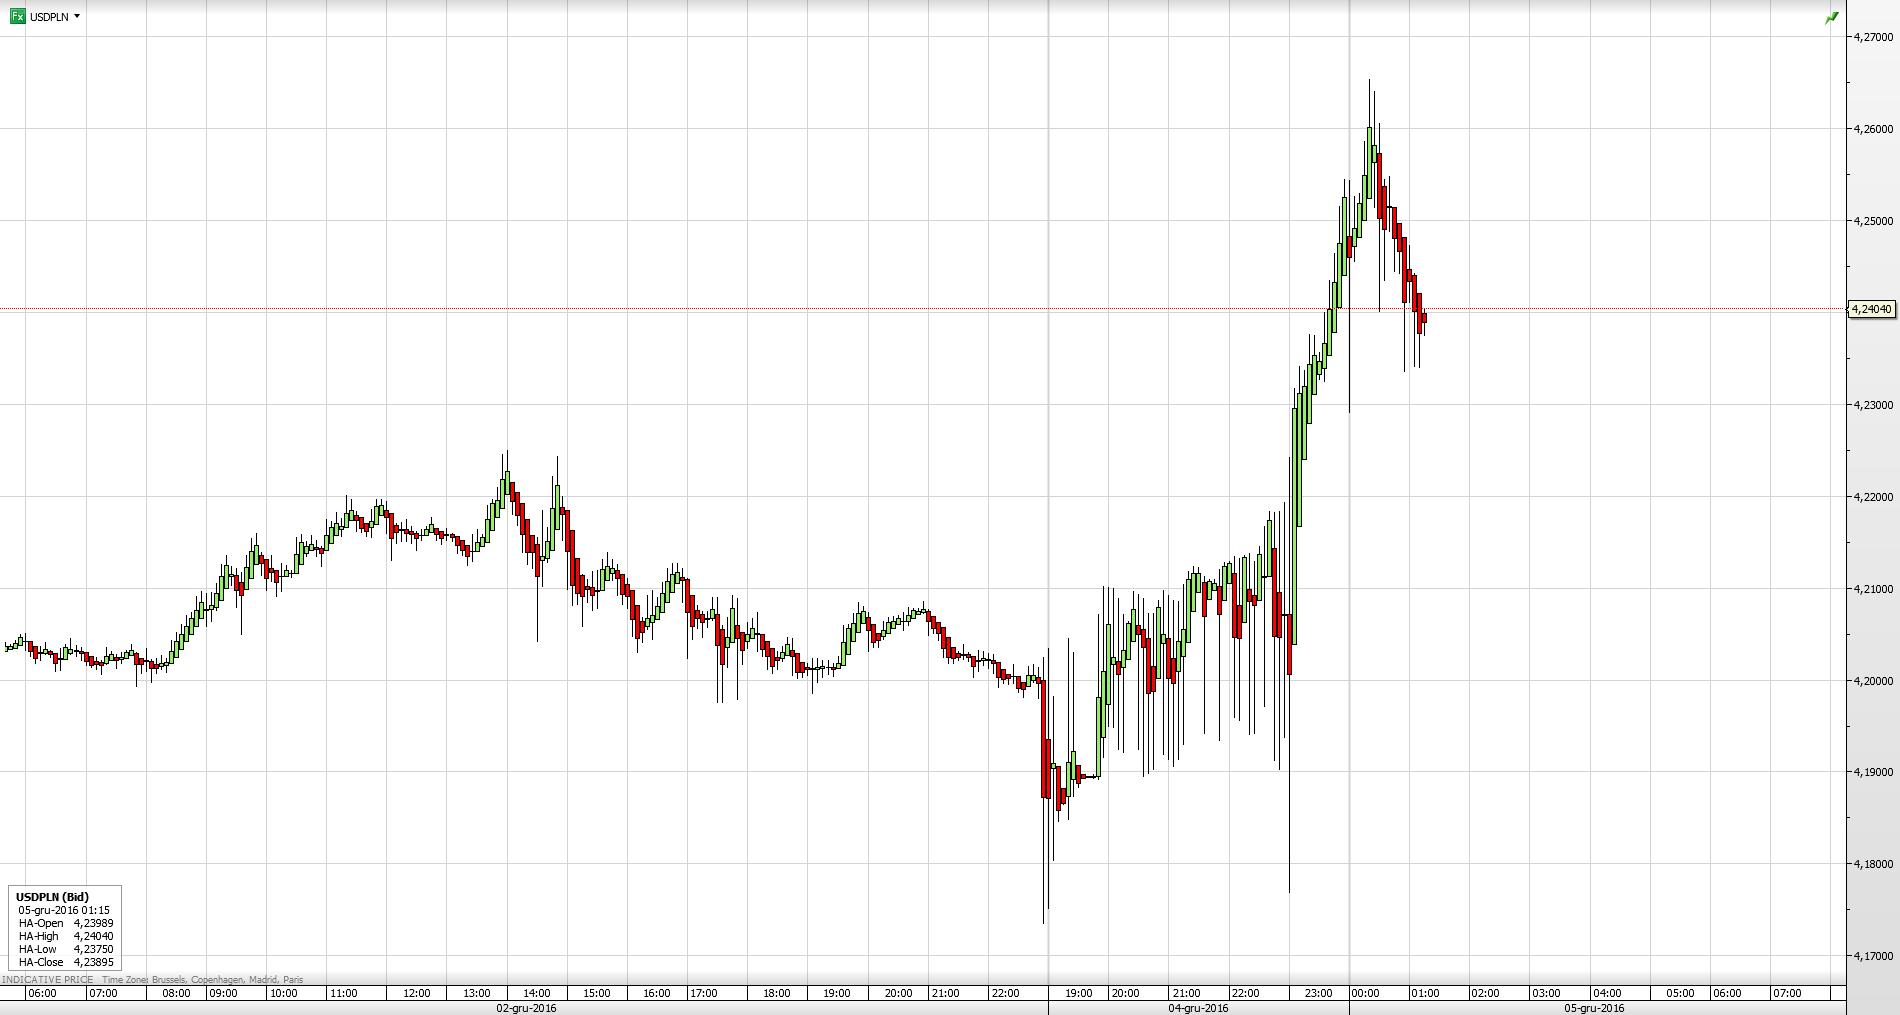 Reakcja pary walutowej USD/PLN na wyniki referendum we Włoszech